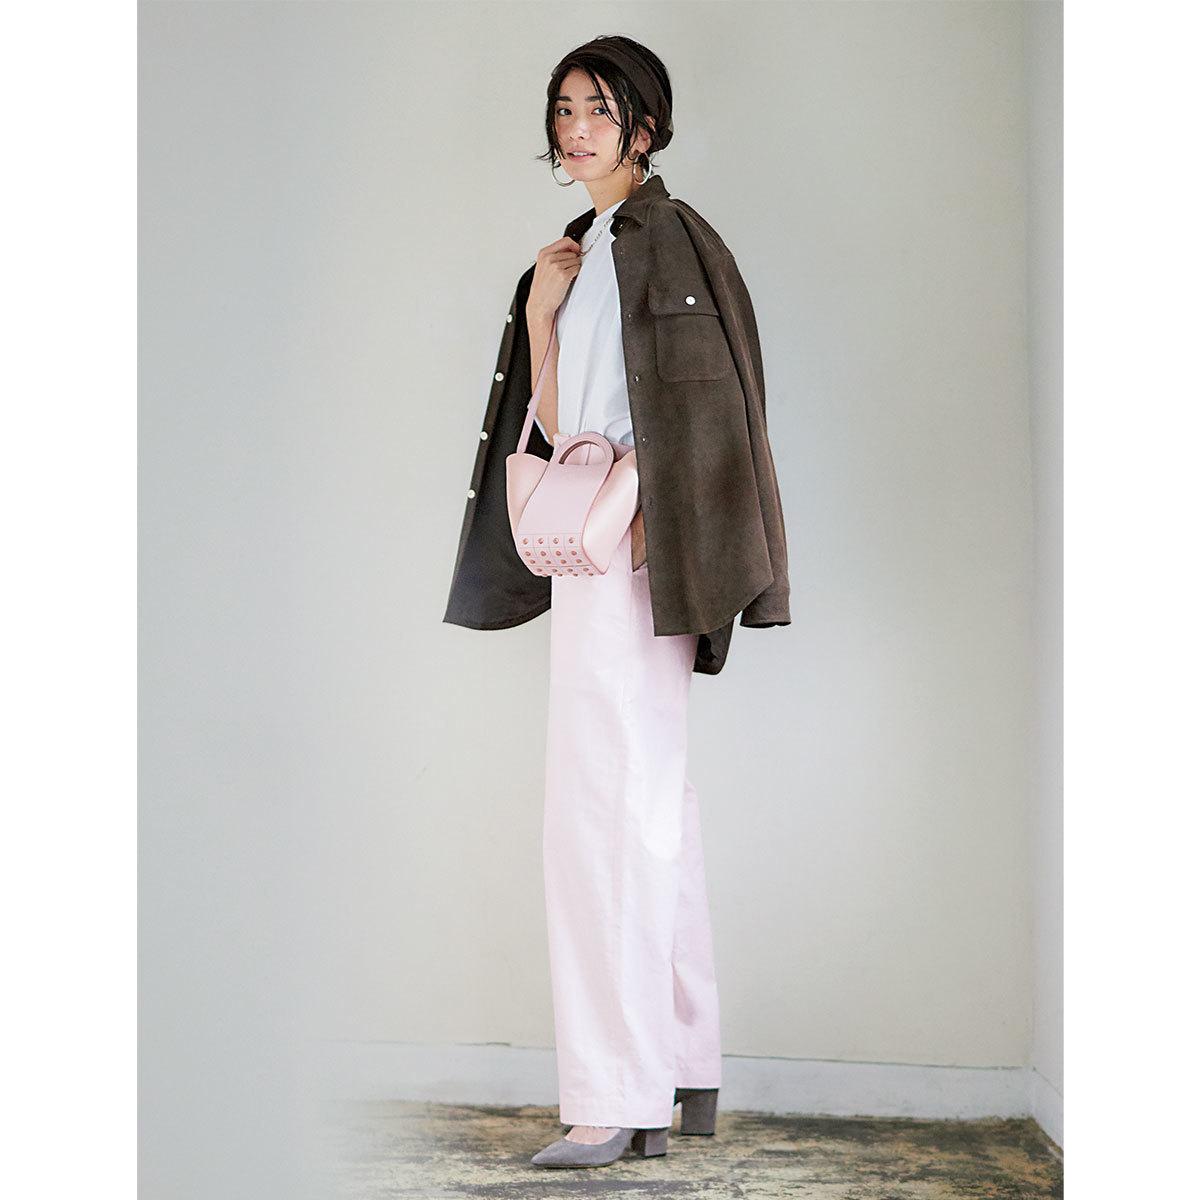 40代が素敵に見える!淡いピンクコーデの着こなしまとめ【2021年春夏トレンド】_1_2